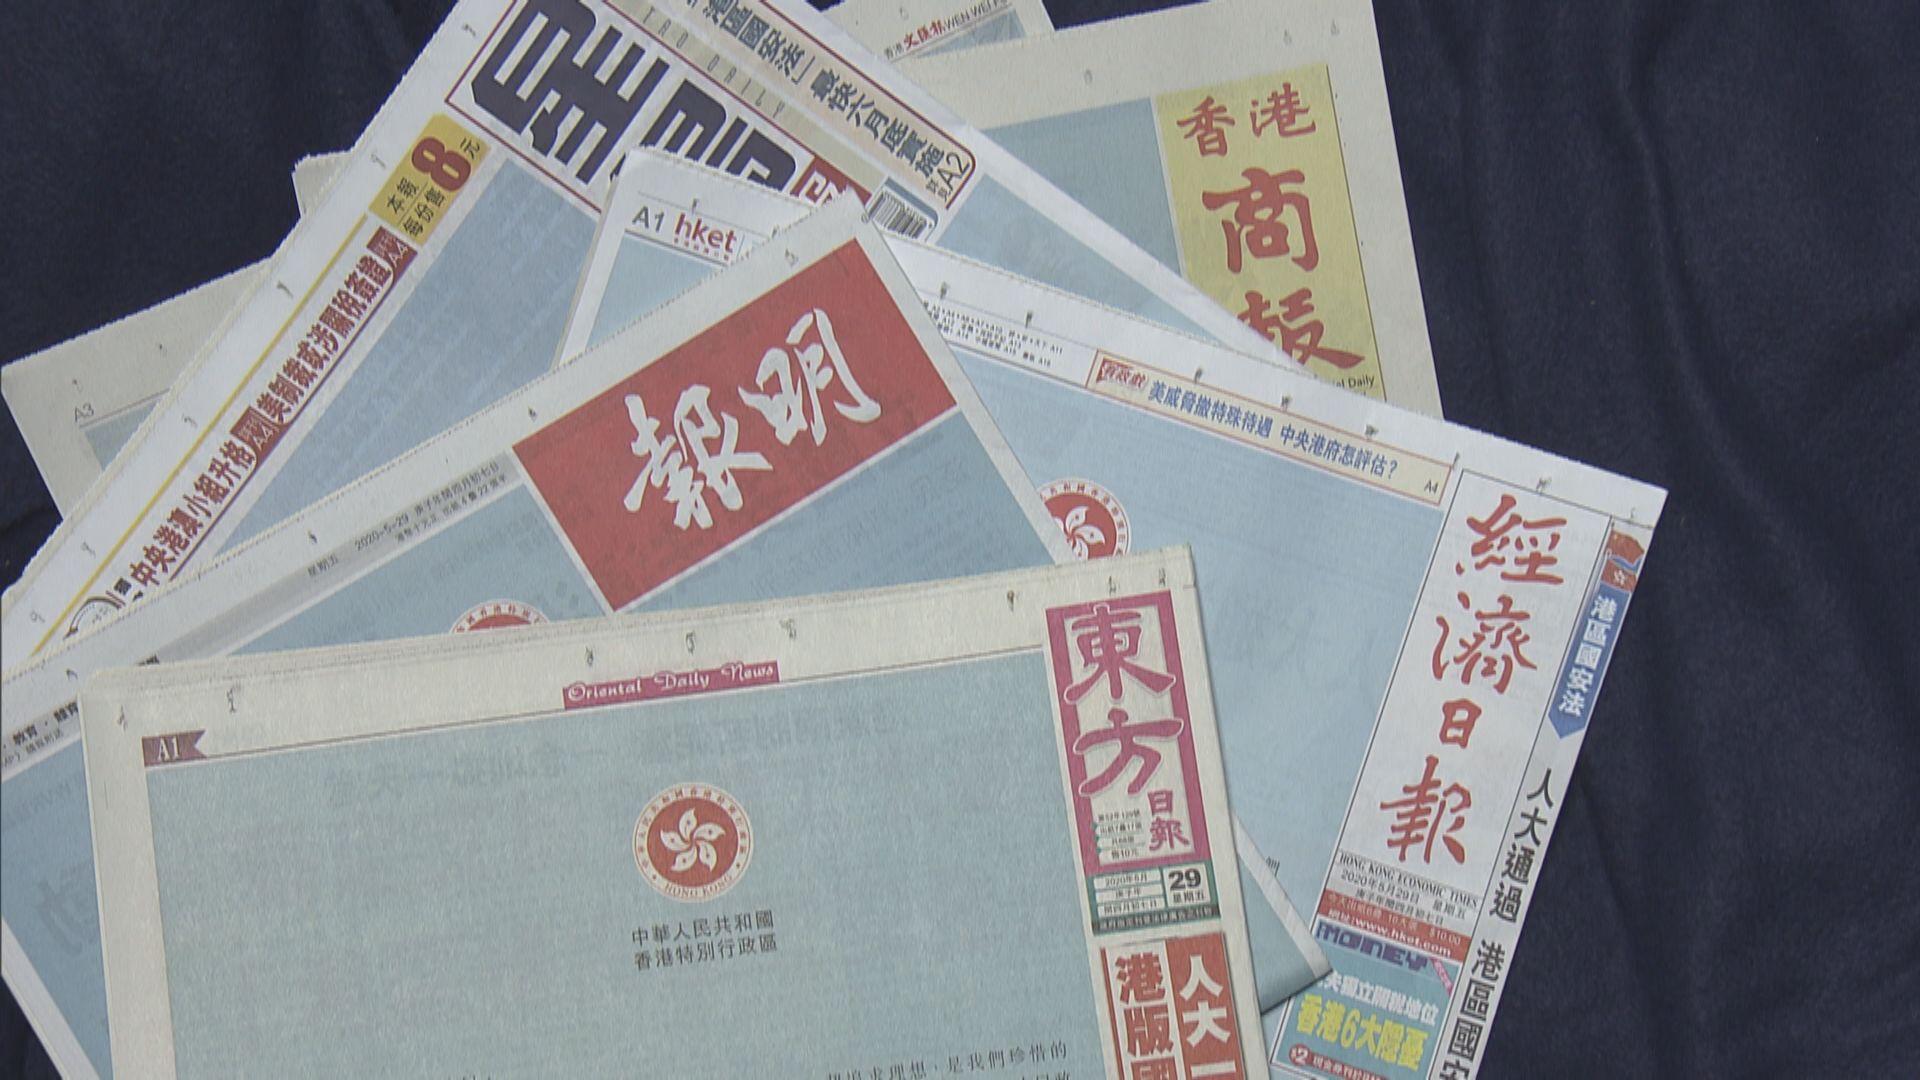 林鄭月娥報章登公開信籲市民理解及支持港區國安法